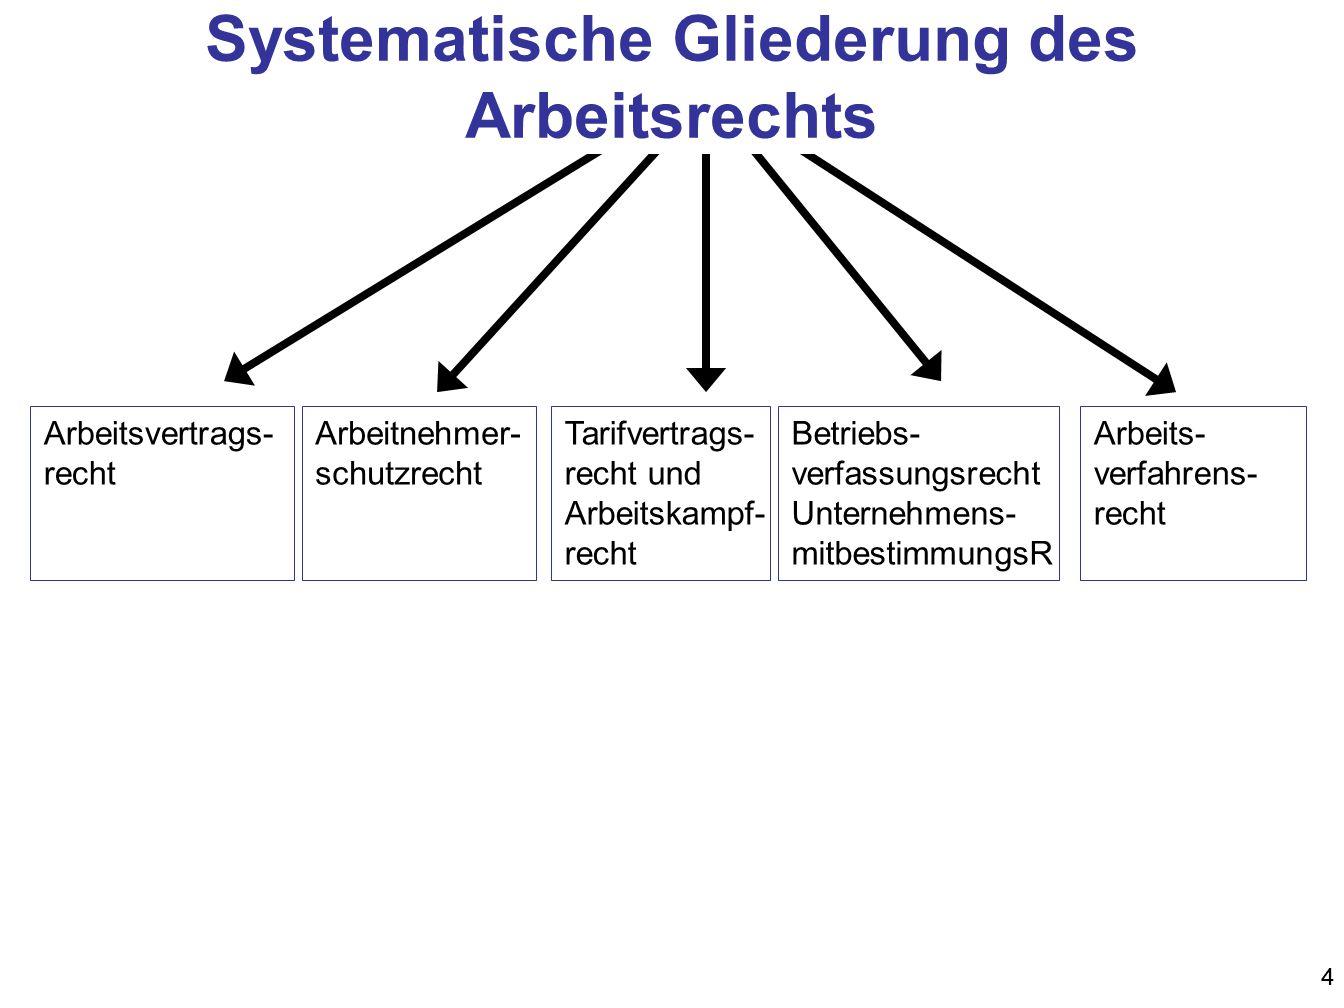 44 Systematische Gliederung des Arbeitsrechts Arbeitsvertrags- recht Arbeitnehmer- schutzrecht Tarifvertrags- recht und Arbeitskampf- recht Betriebs-